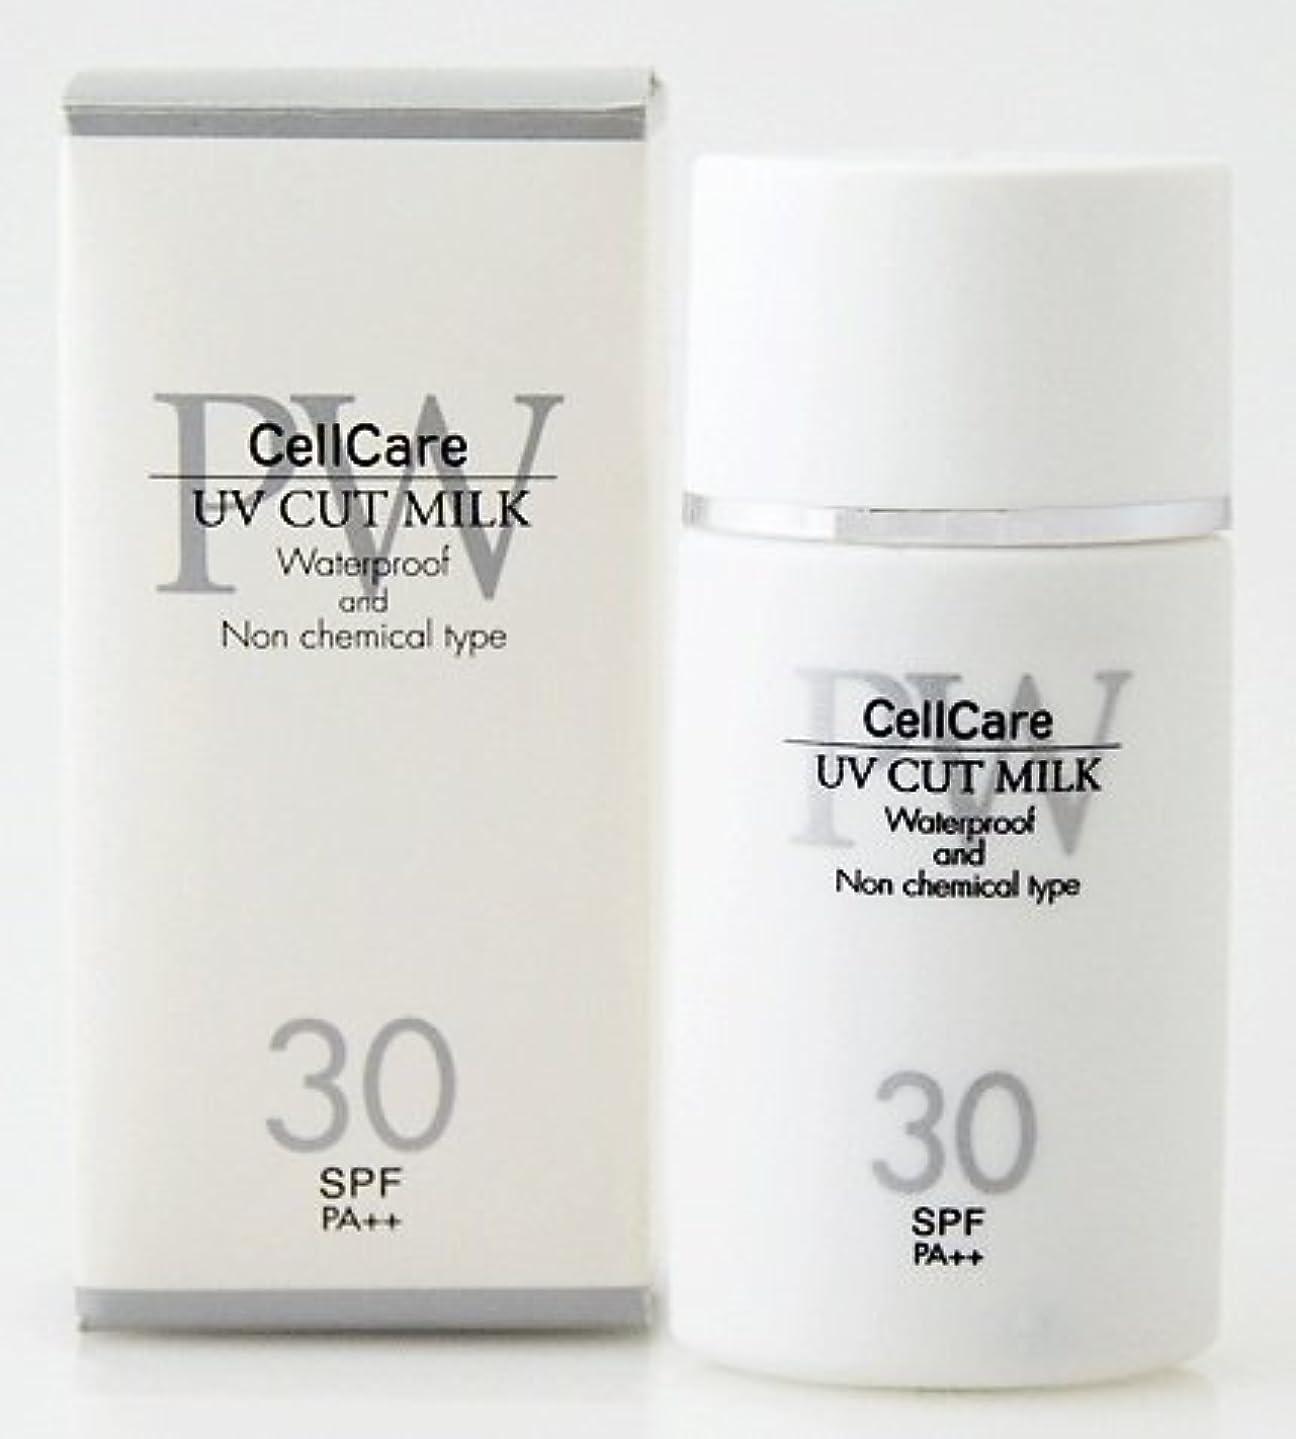 成功のみ徹底的にセルケア ピュアホワイト UVカットミルク 30g(日焼け止め乳液) SPF30 PA++ 保湿